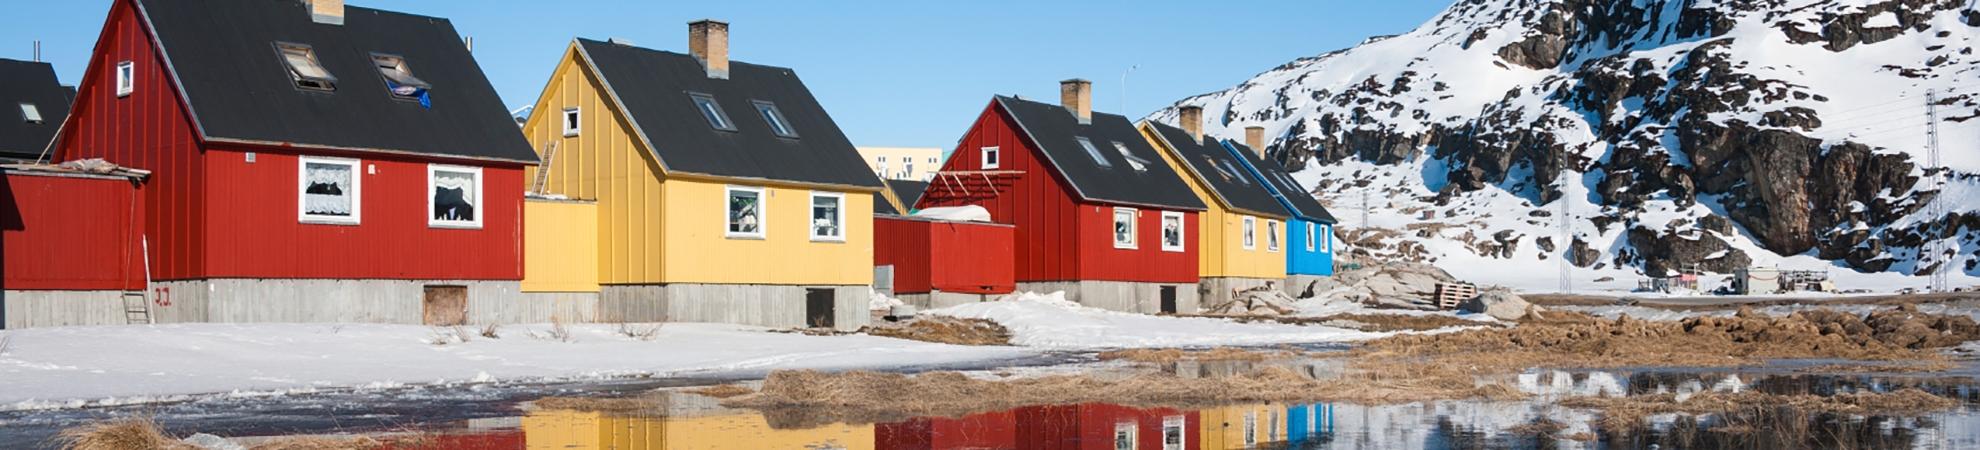 Fiches pays Islande et Groenland